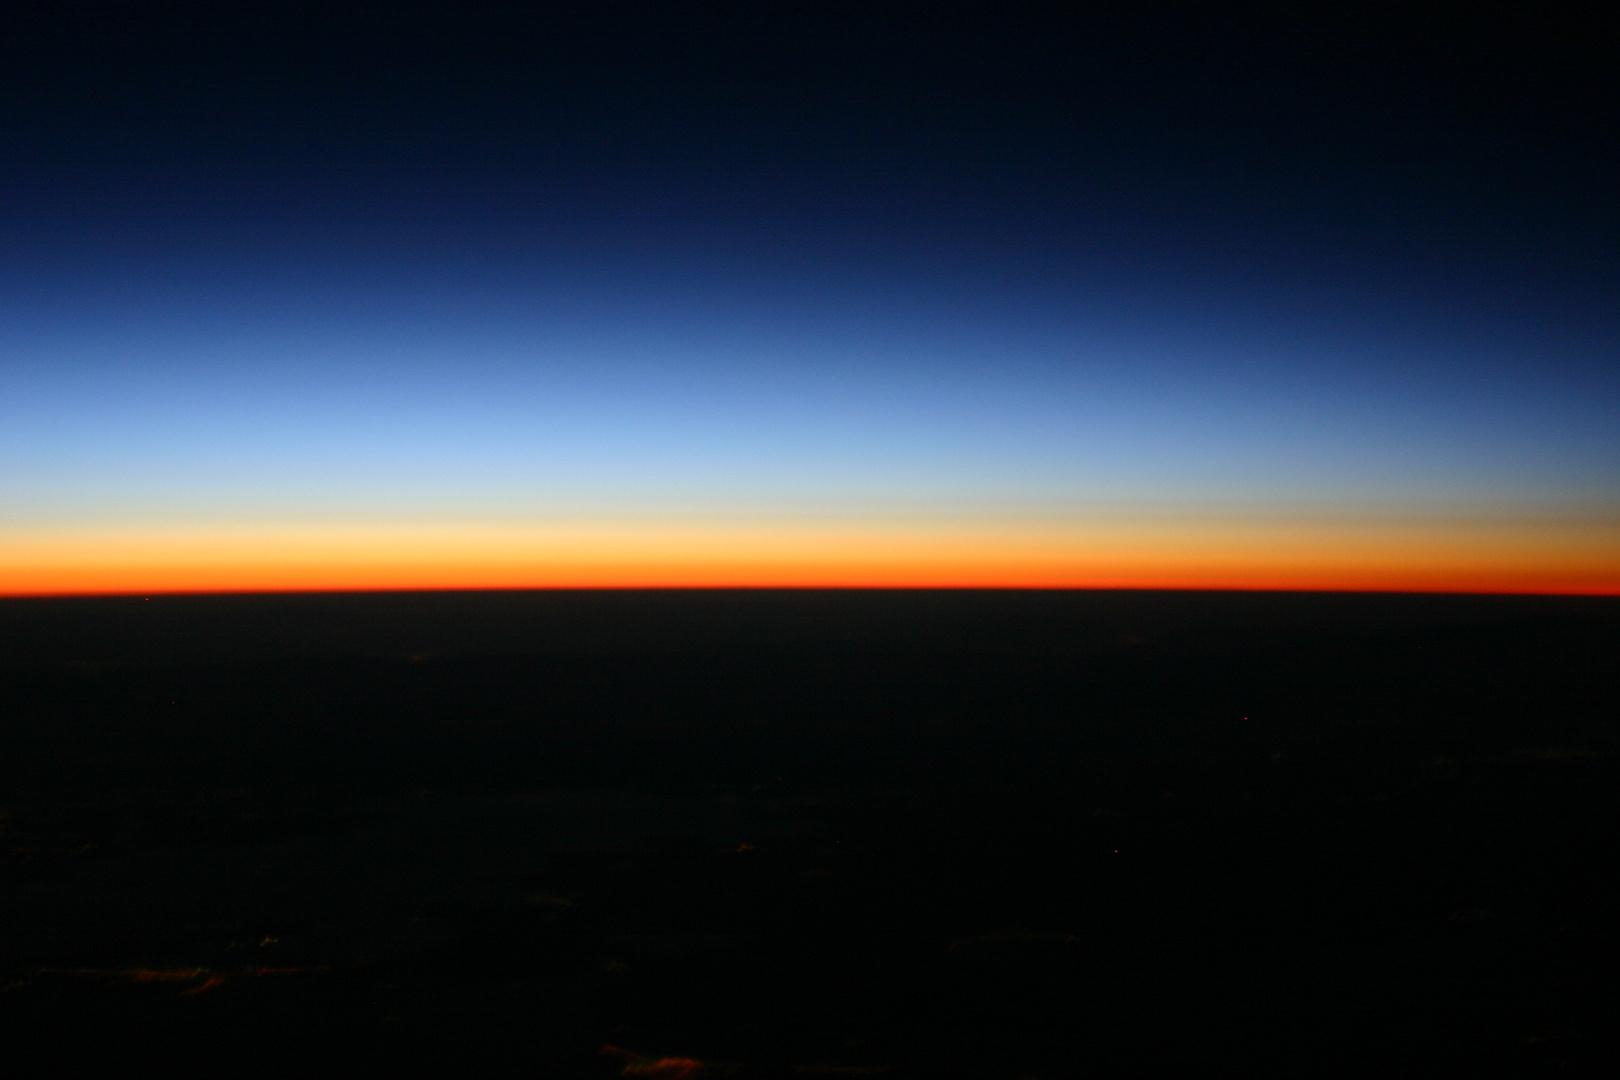 Sonnenaufgang über dem griechischem Festland